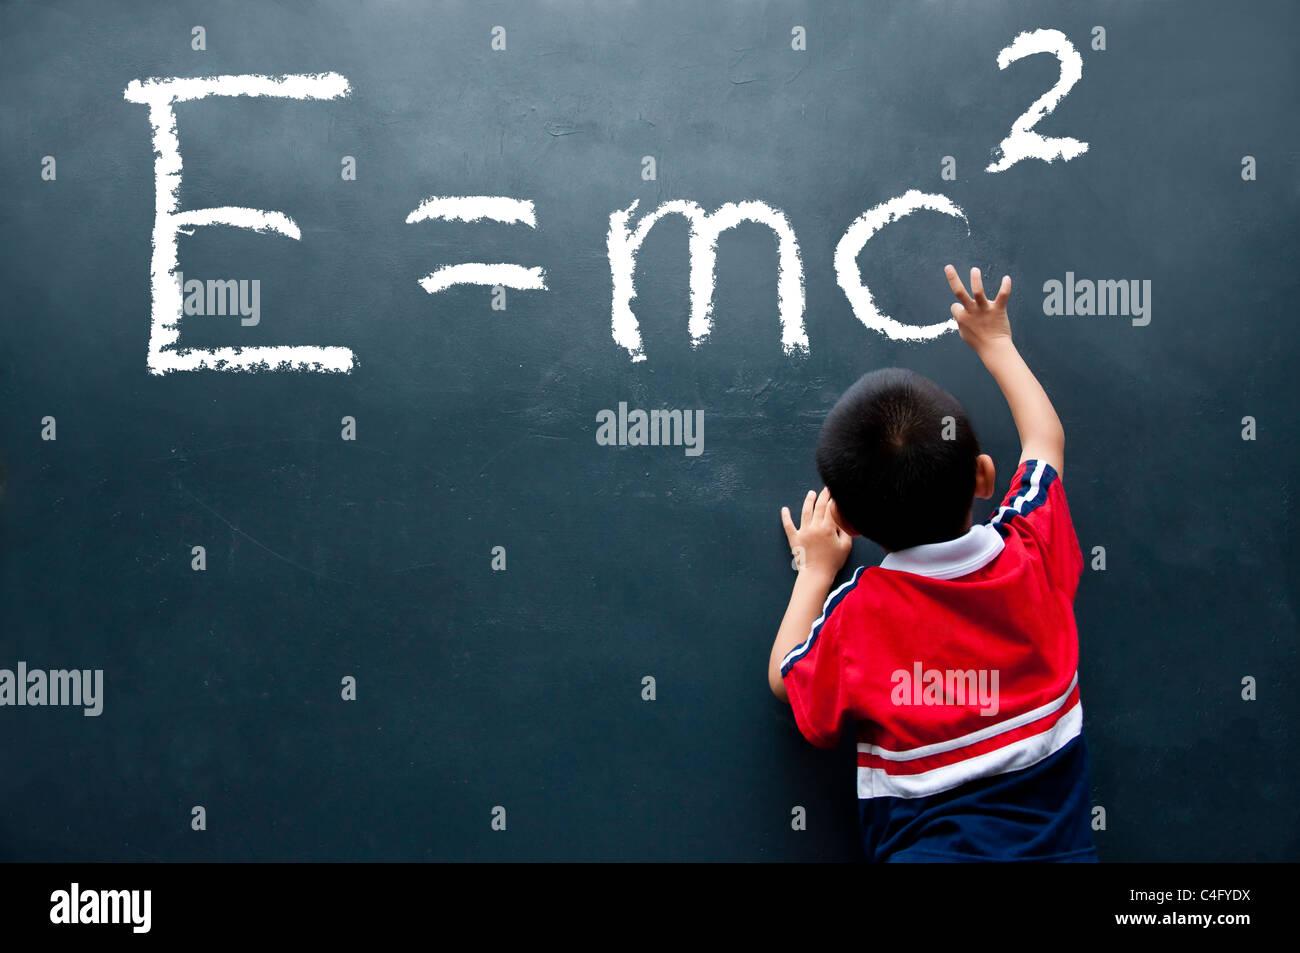 junge Zeichnung E = mc2 an der WandStockfoto